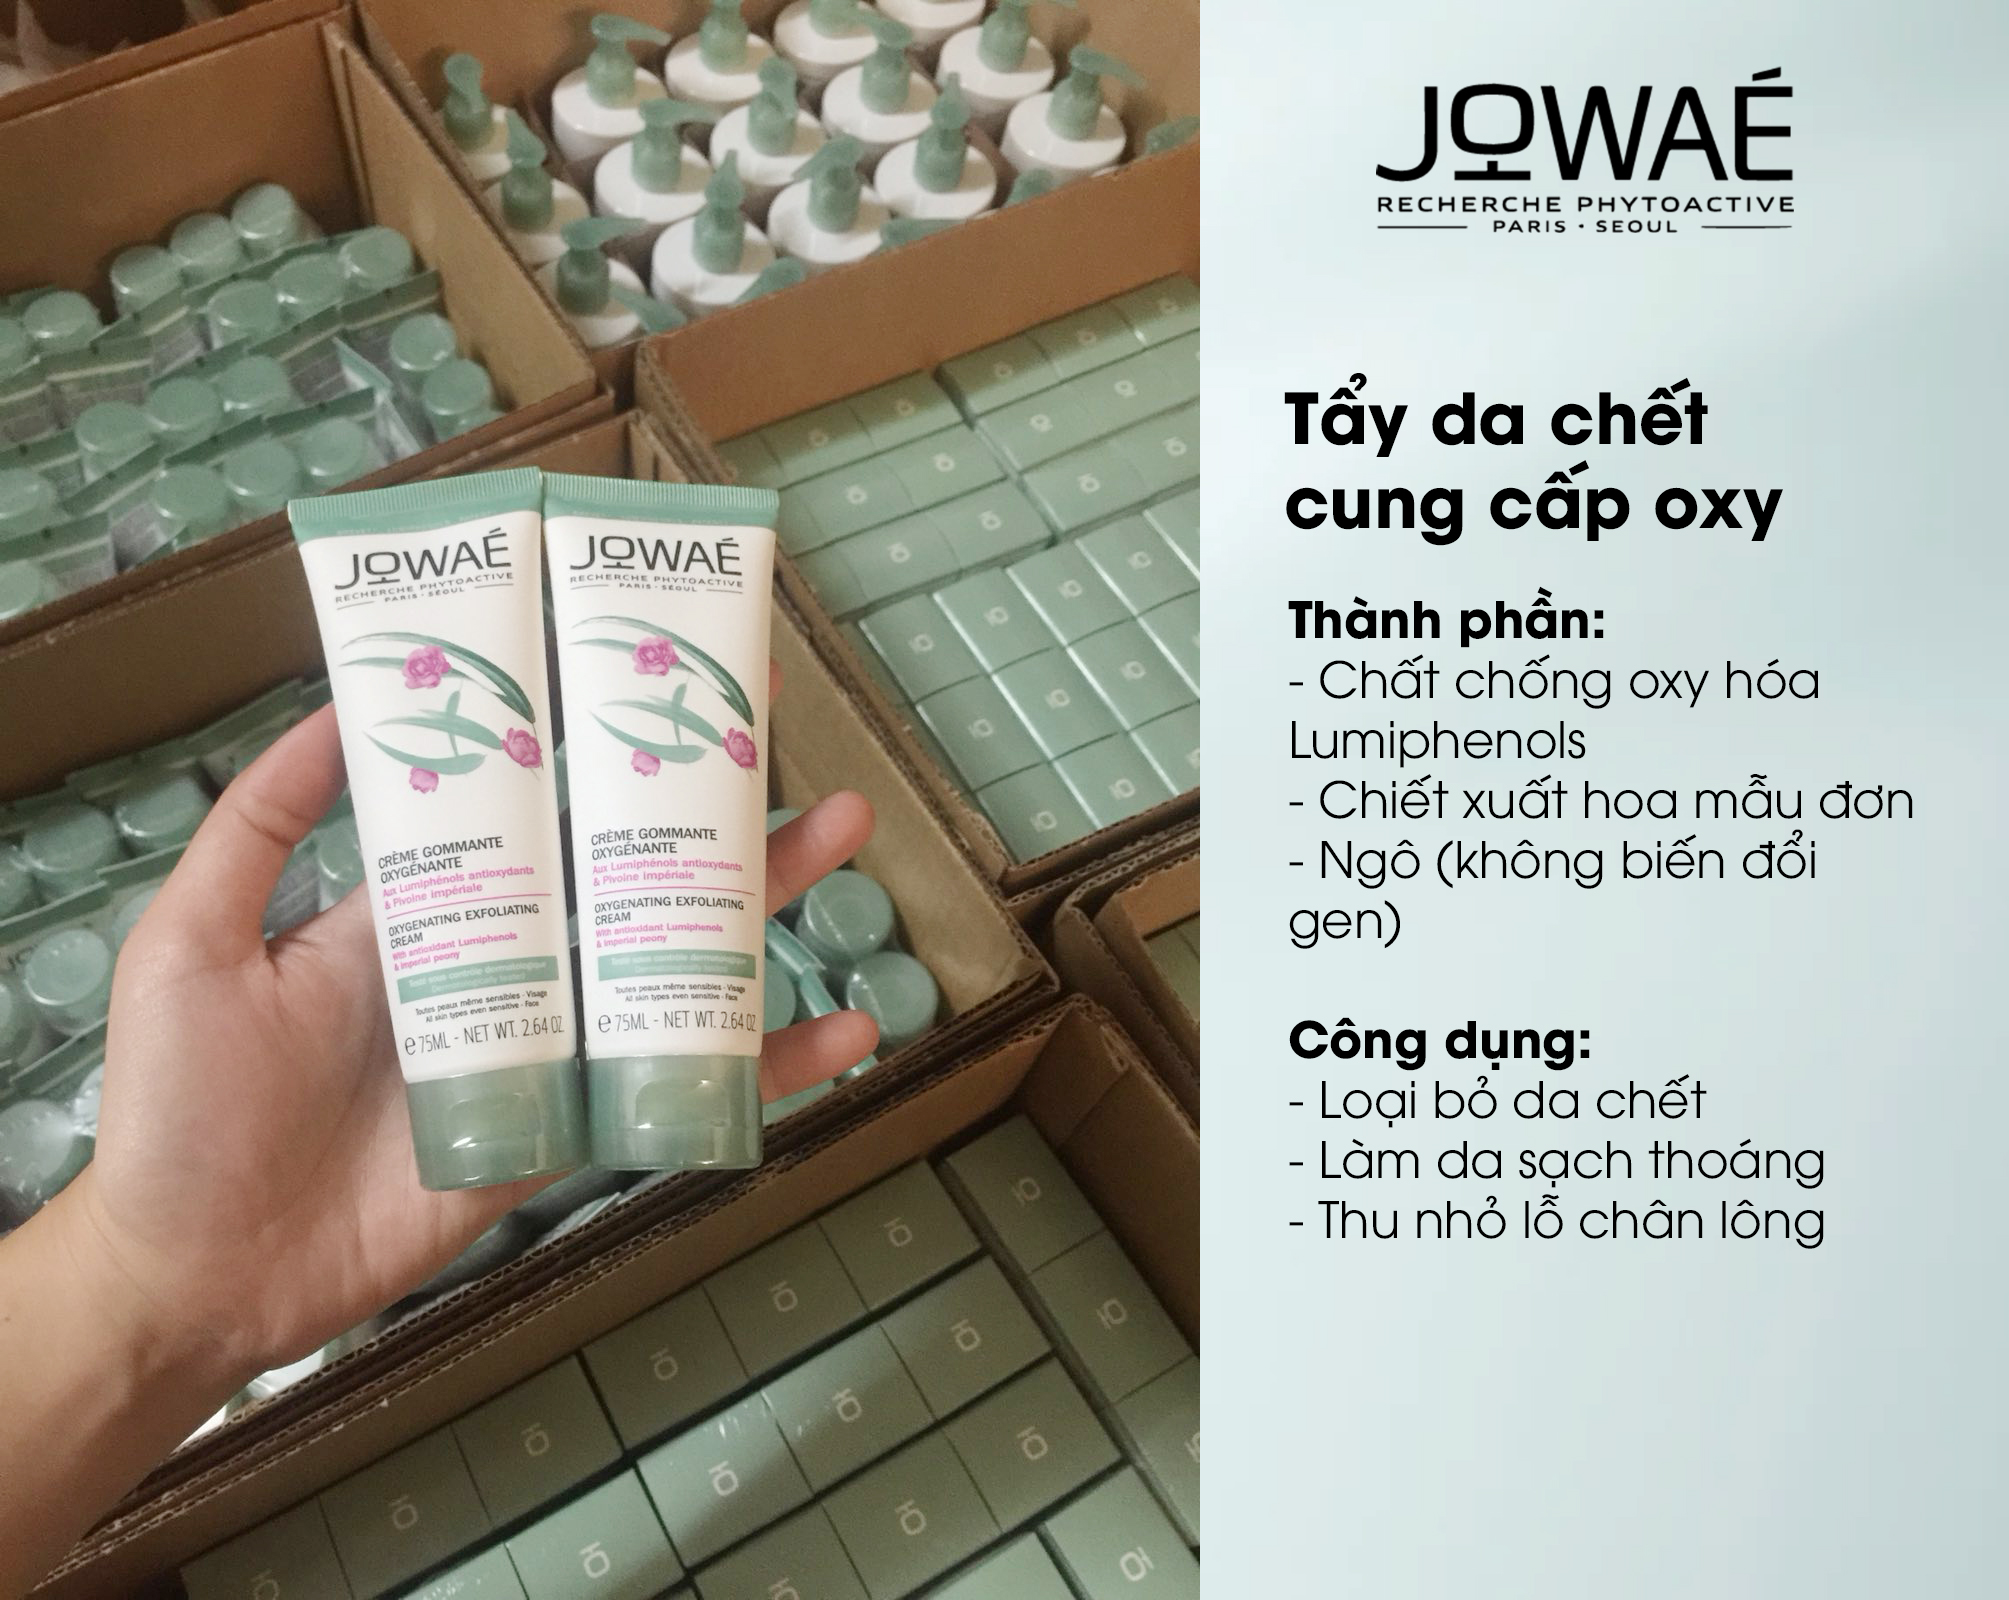 Tẩy da chết cung cấp oxy JOWAE se khít lỗ chân lông Mỹ phẩm thiên nhiên nhập khẩu Pháp - OXYGENATING EXFOLIATING CREAM 75ml